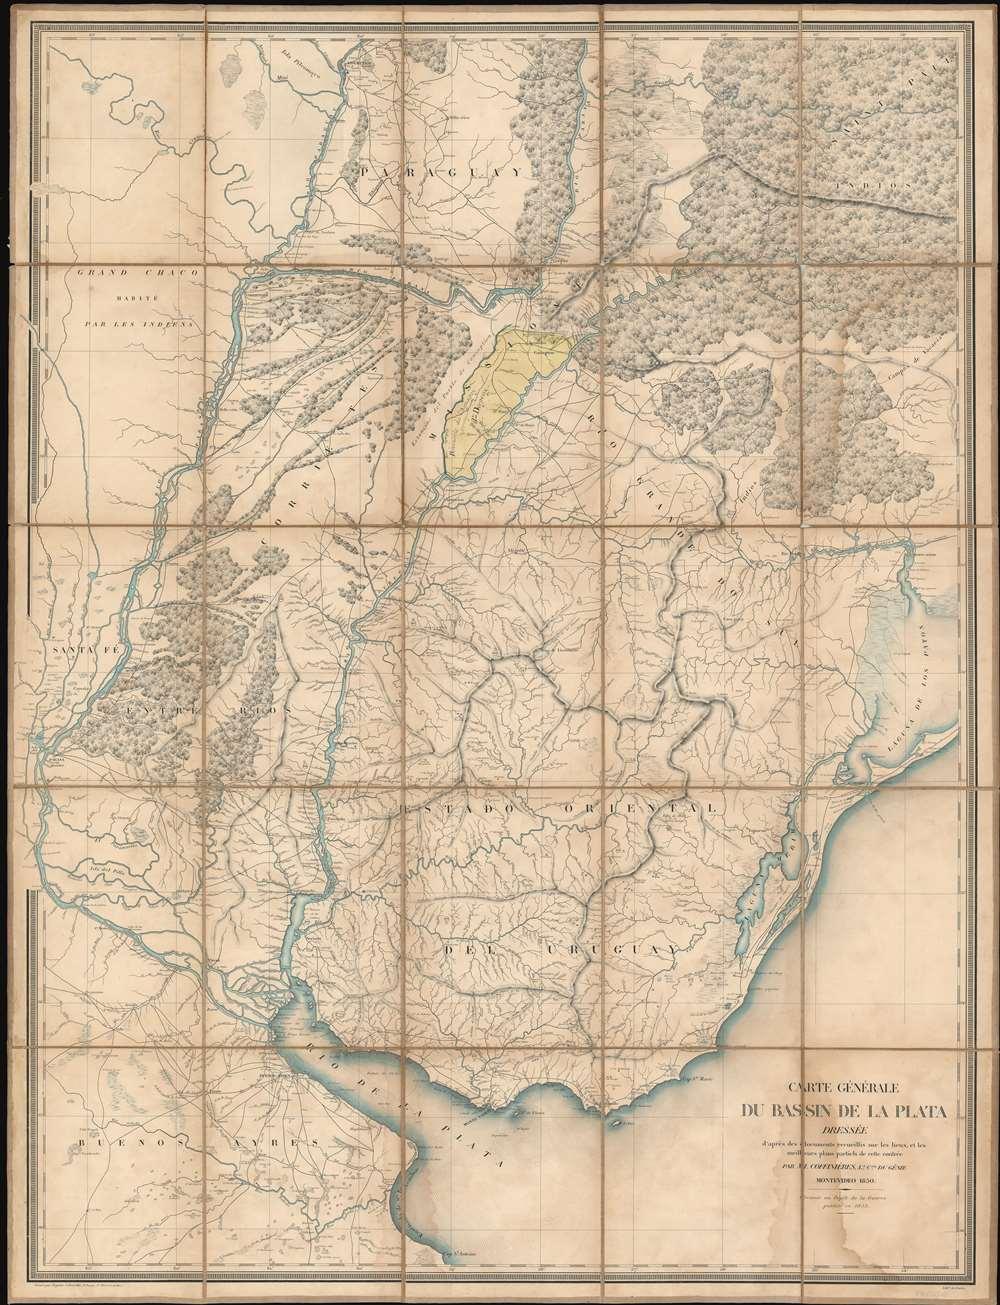 Carte Générale du Bassin de La Plata Dressée d'après des documents recueillis sur les lieux, et les milleurs plans partiels de cette contrée par m. Coffinières, Lt. Cnel. du Génie. - Main View